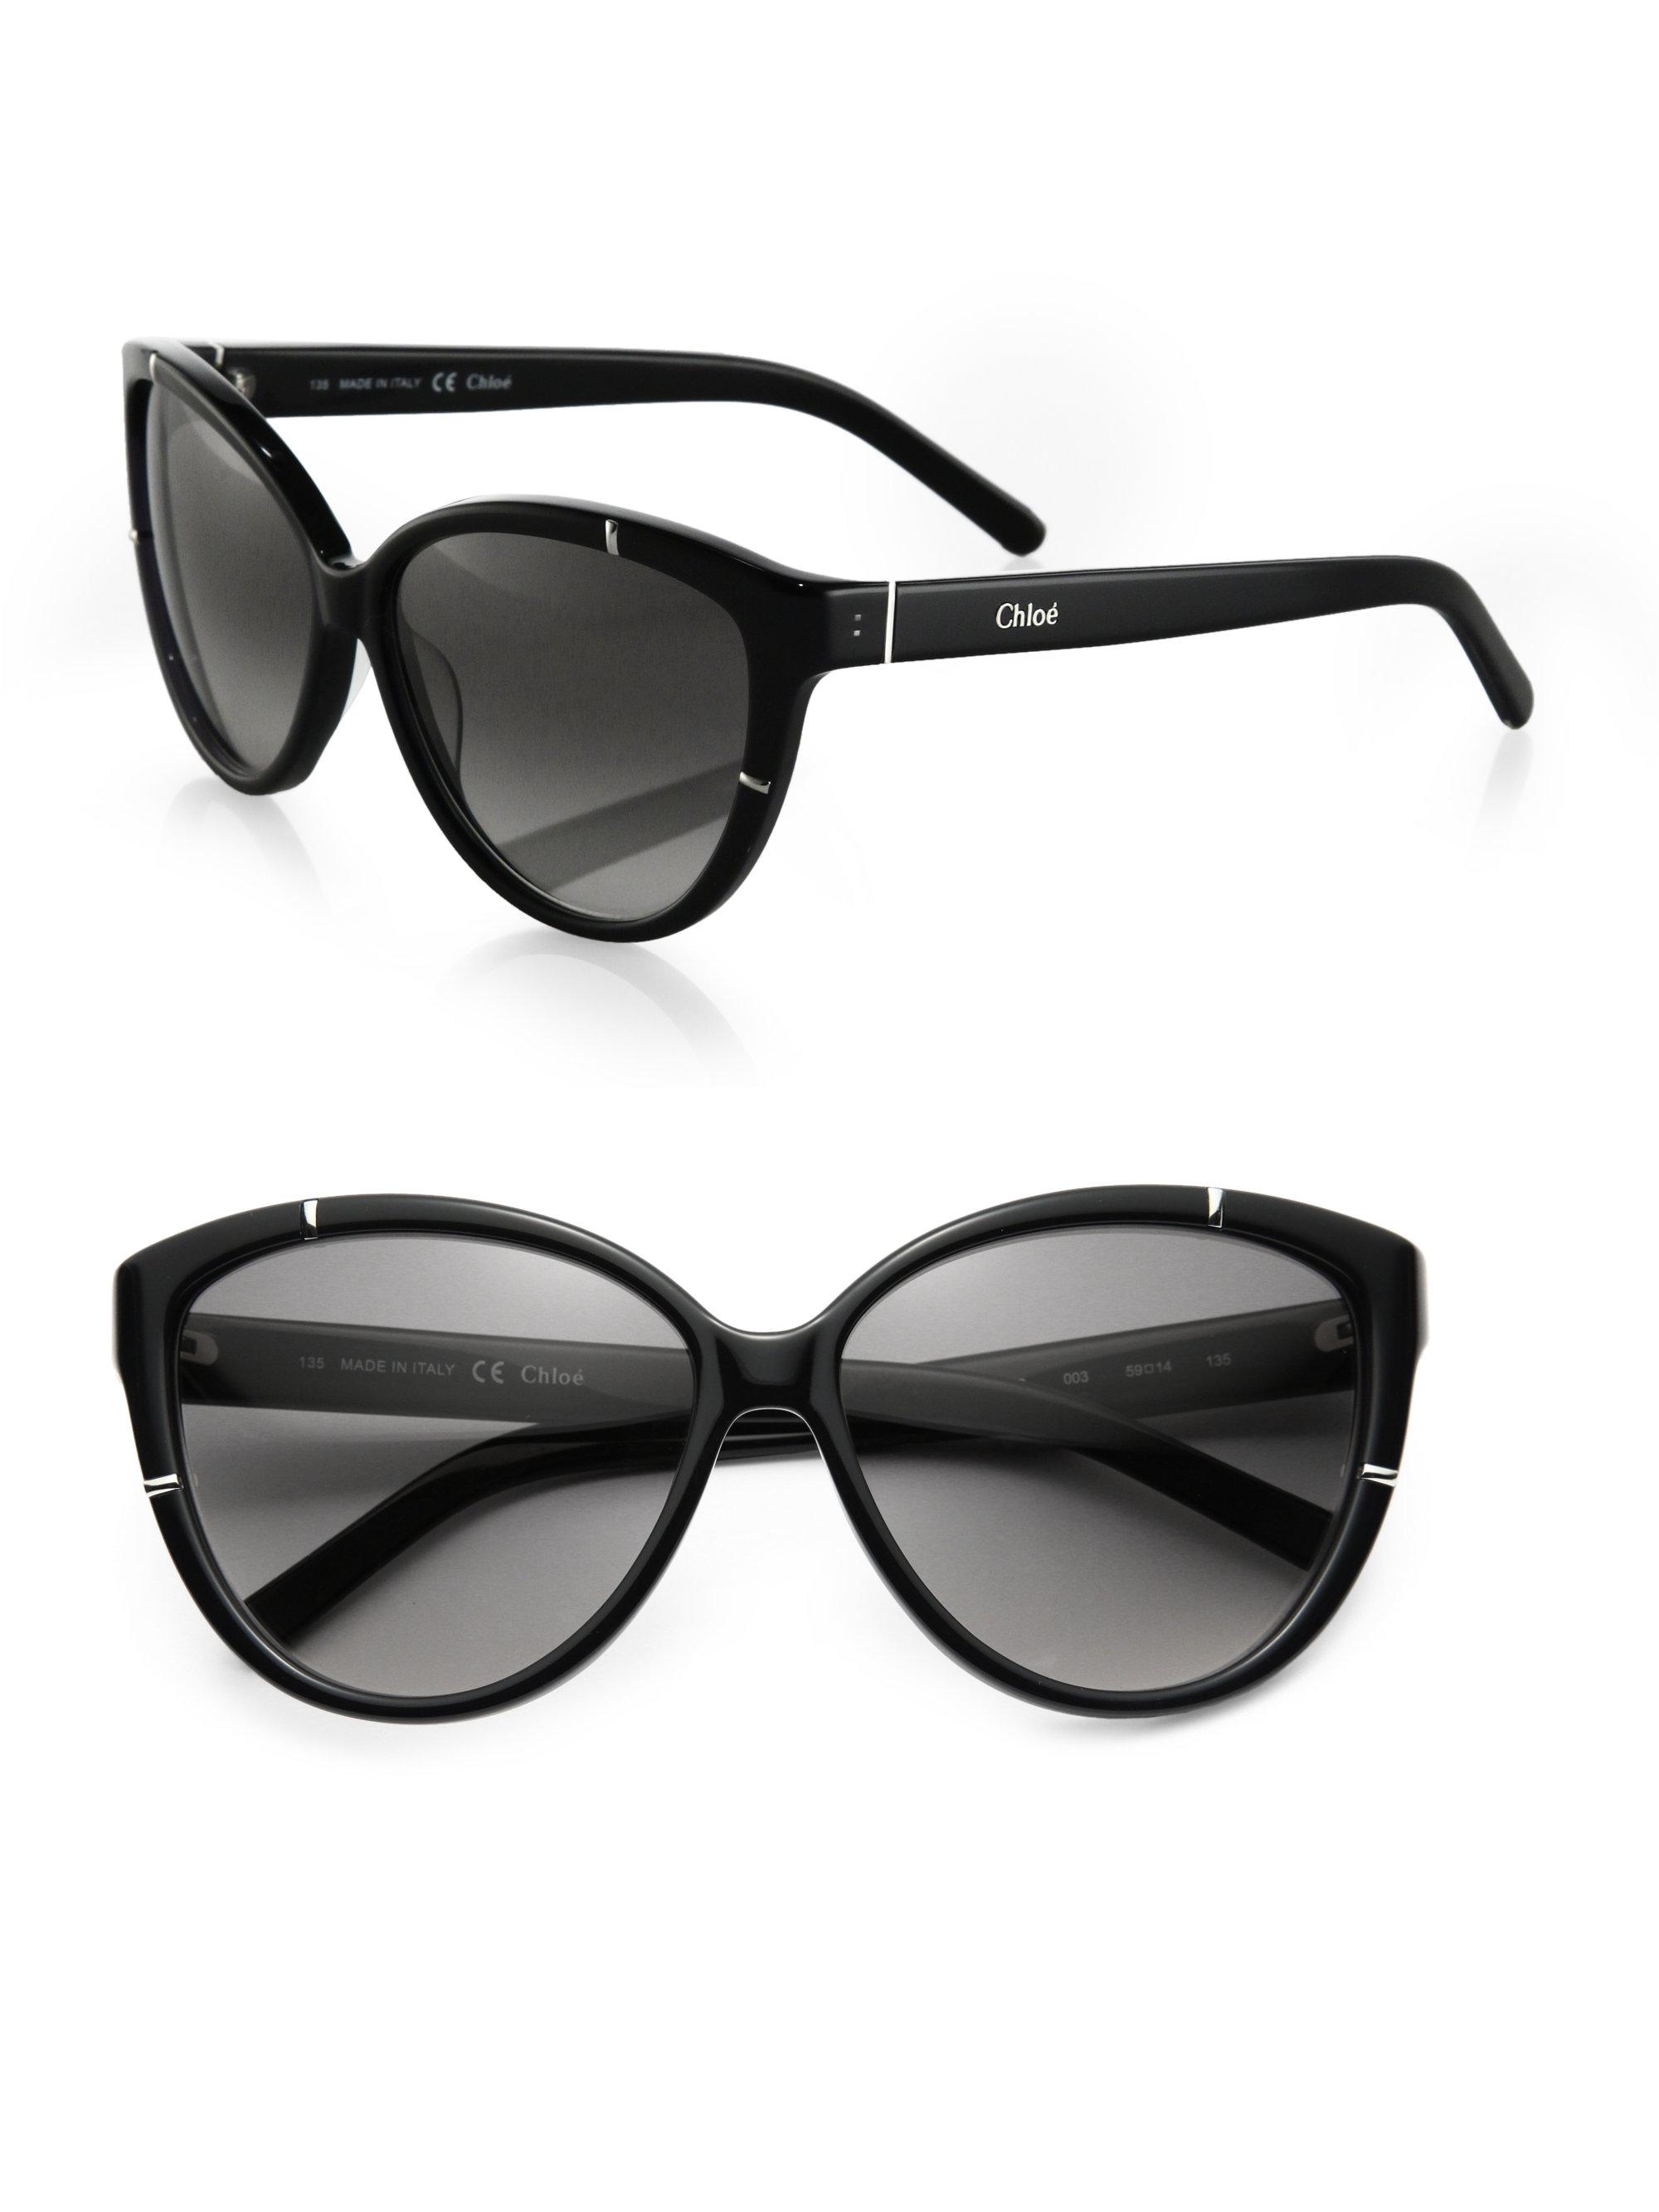 b46d6914ce chloe-black-modified-catseye-sunglasses-product-1-15240792-587487120.jpeg